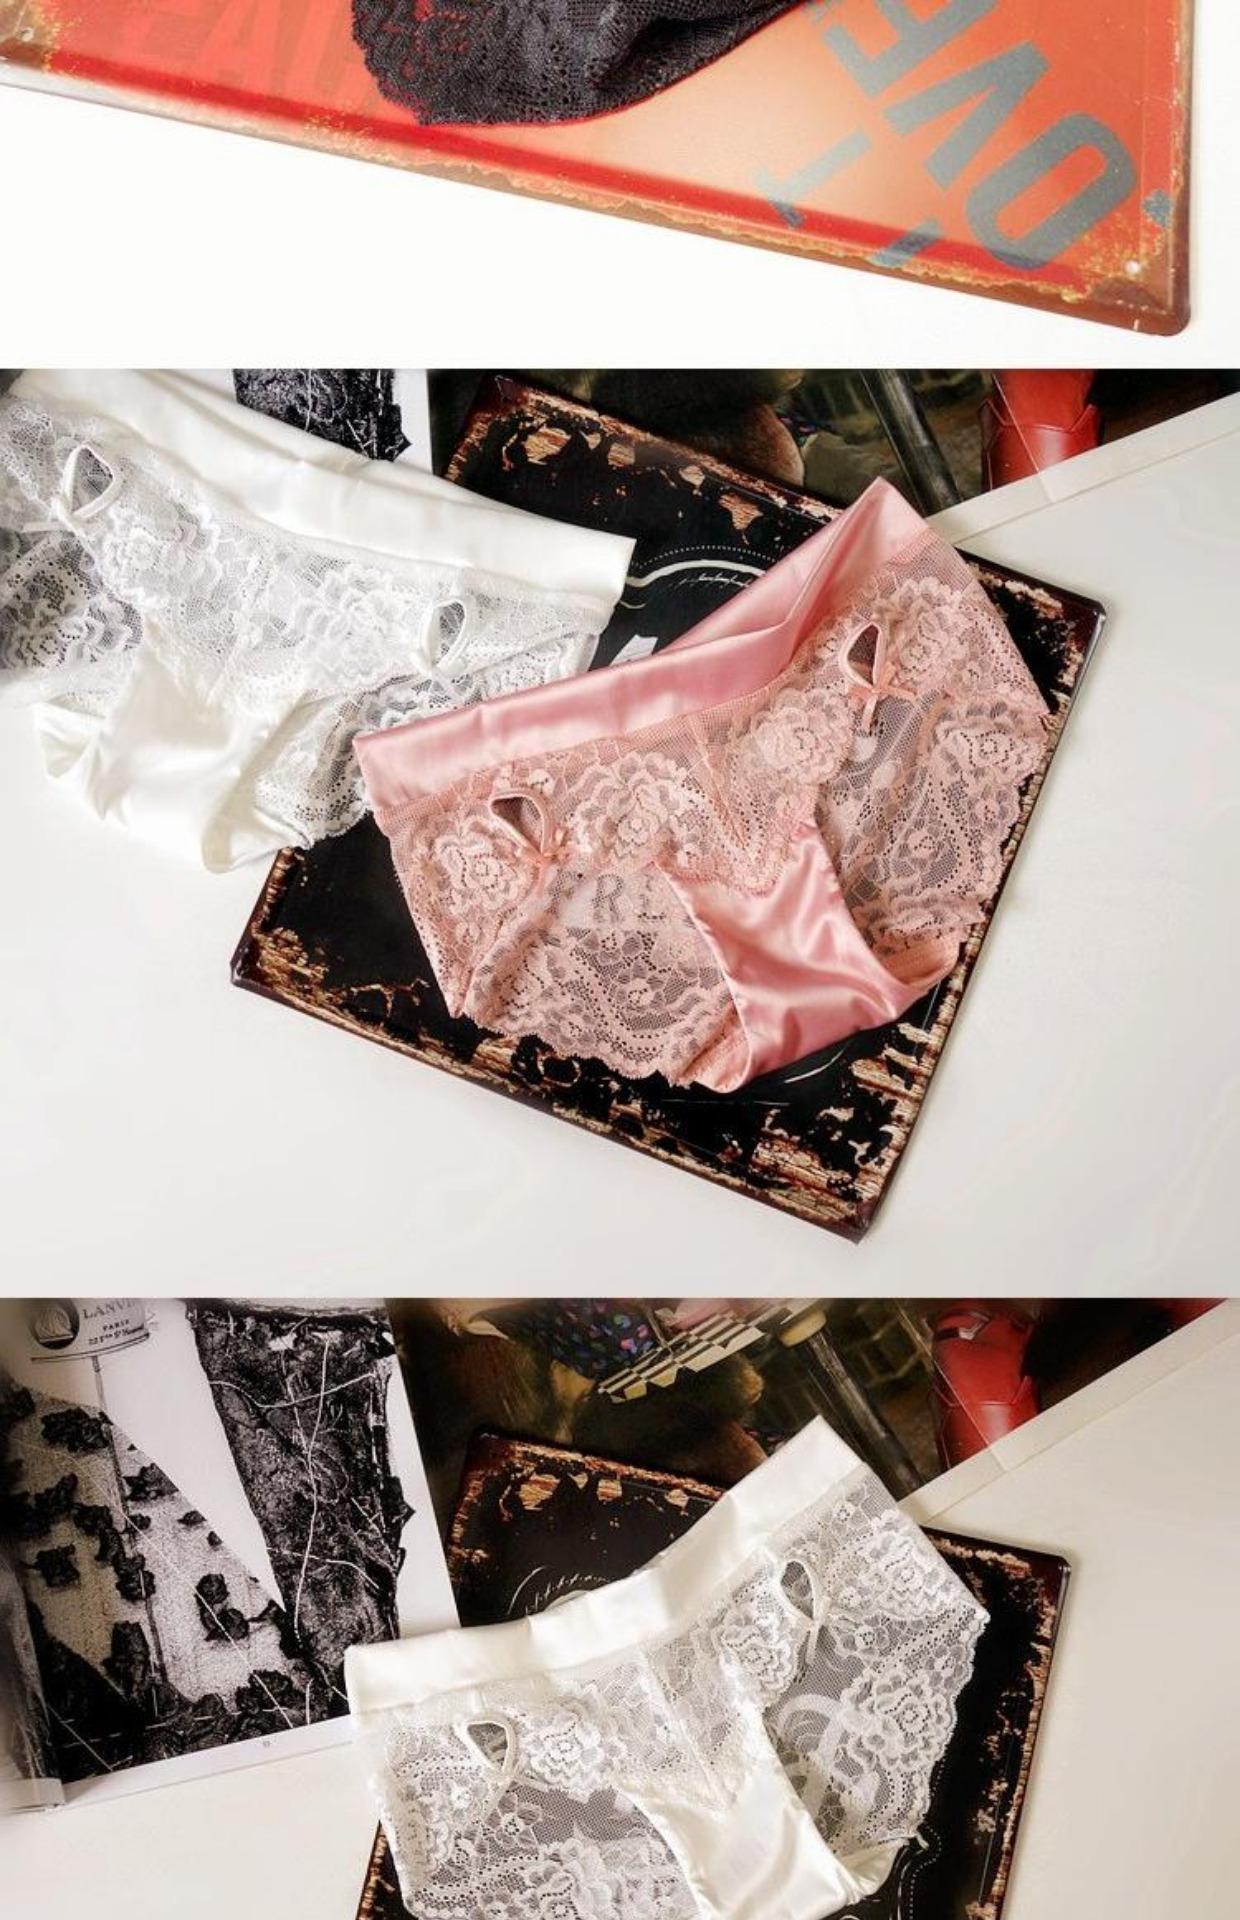 时尚绸缎女蕾丝内裤品牌奢华欧美透明网纱包臀低腰情趣v时尚三角裤情趣用品排行性感女图片